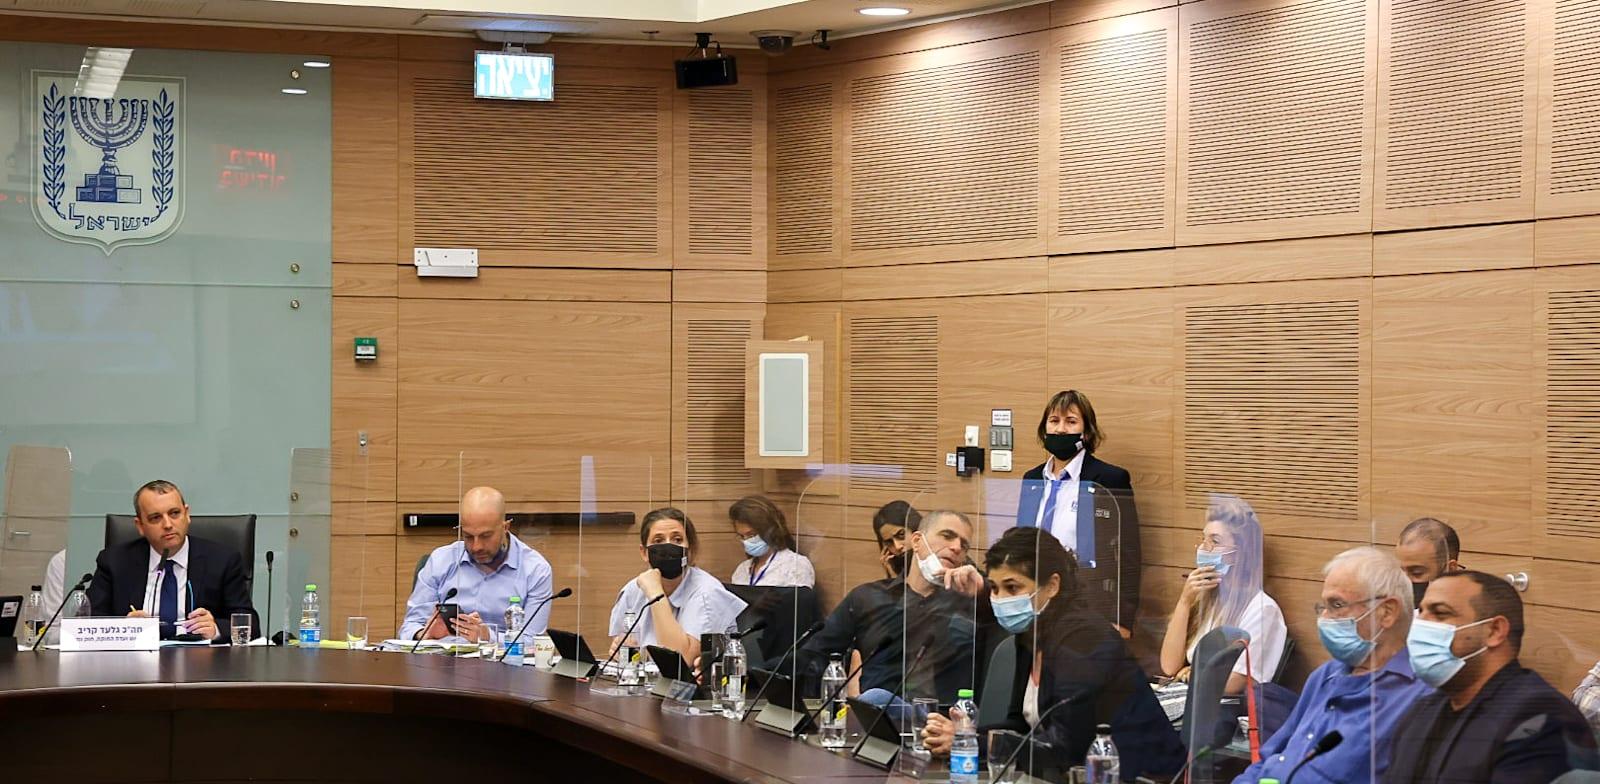 ועדת החוקה, חוק הרגולציה / צילום: נועם מושקוביץ, דוברות הכנסת